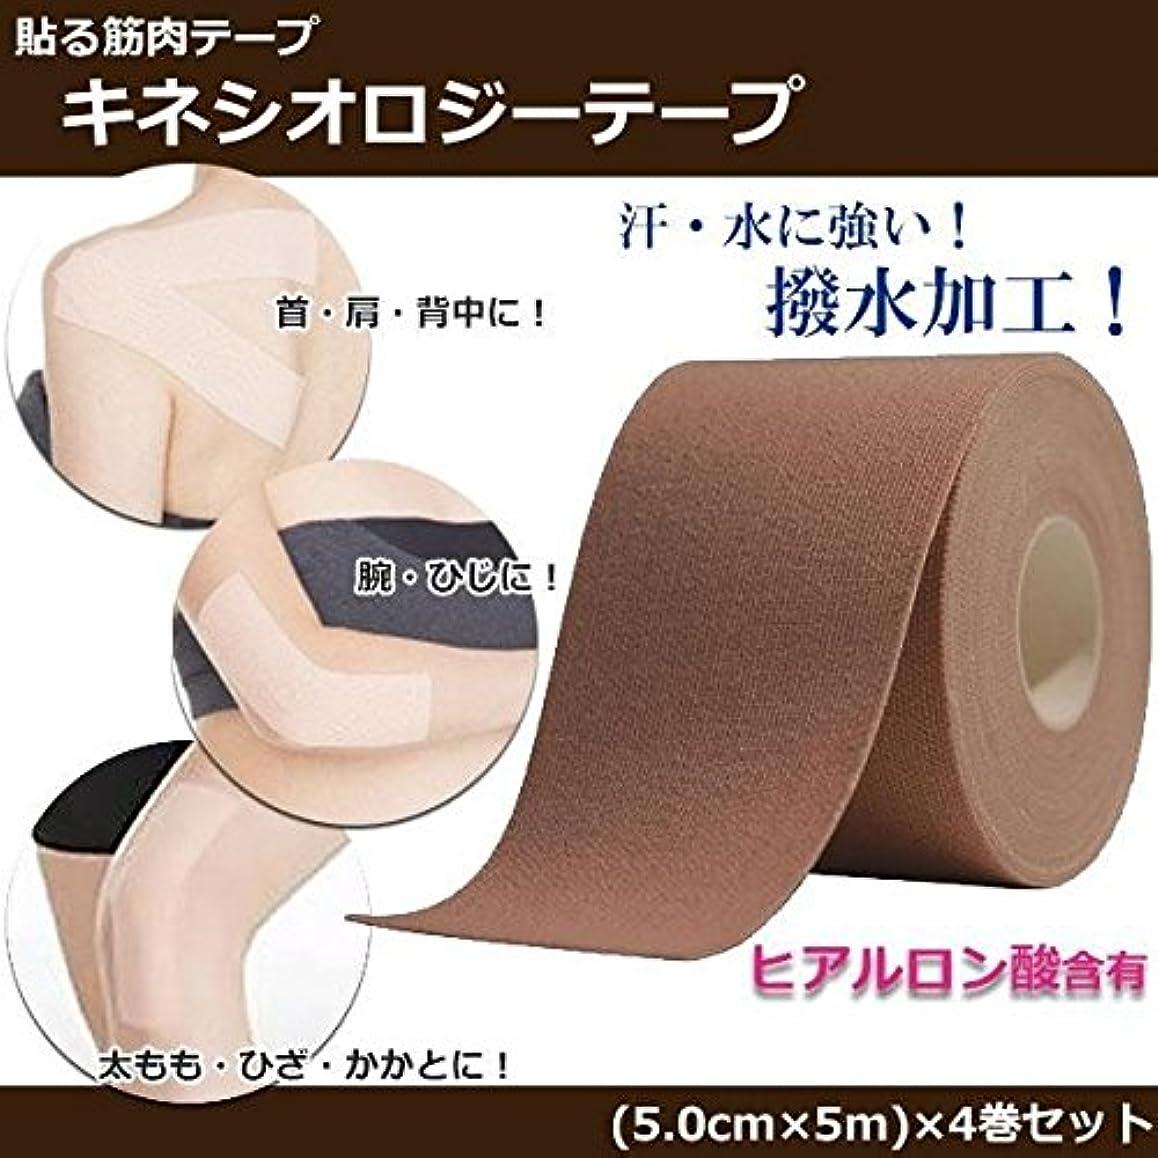 概して雇用実業家貼る筋肉テープ キネシオロジーテープ ヒアルロン酸含有 日本製 4巻セット